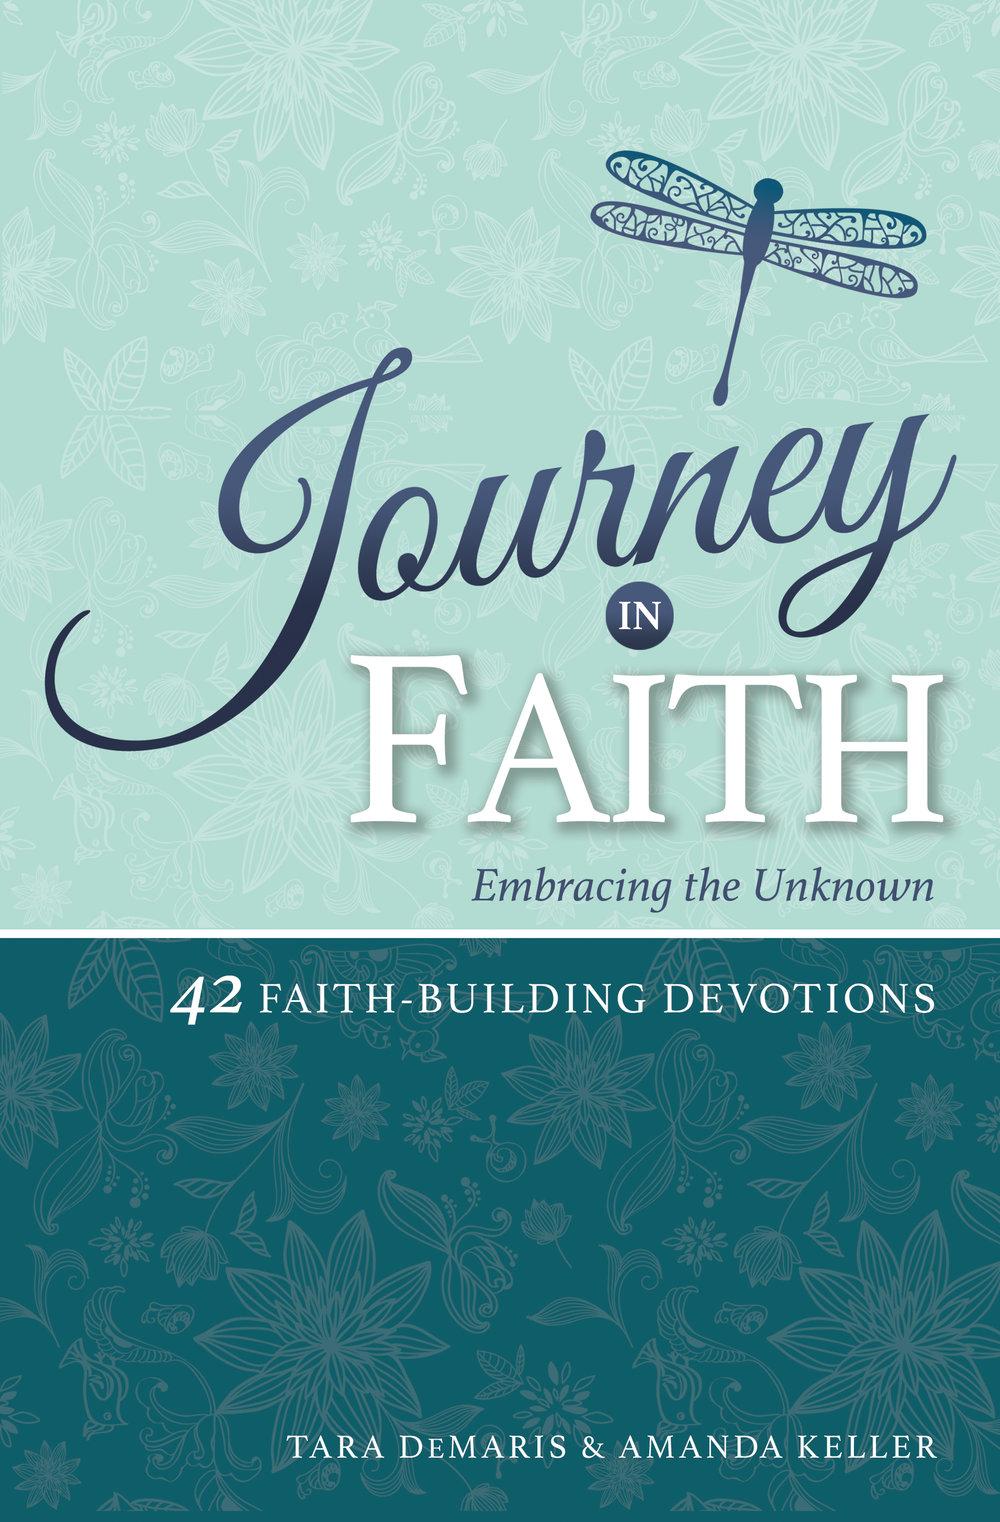 JourneyInFaith 7-23_FrontCoverFinal.jpg